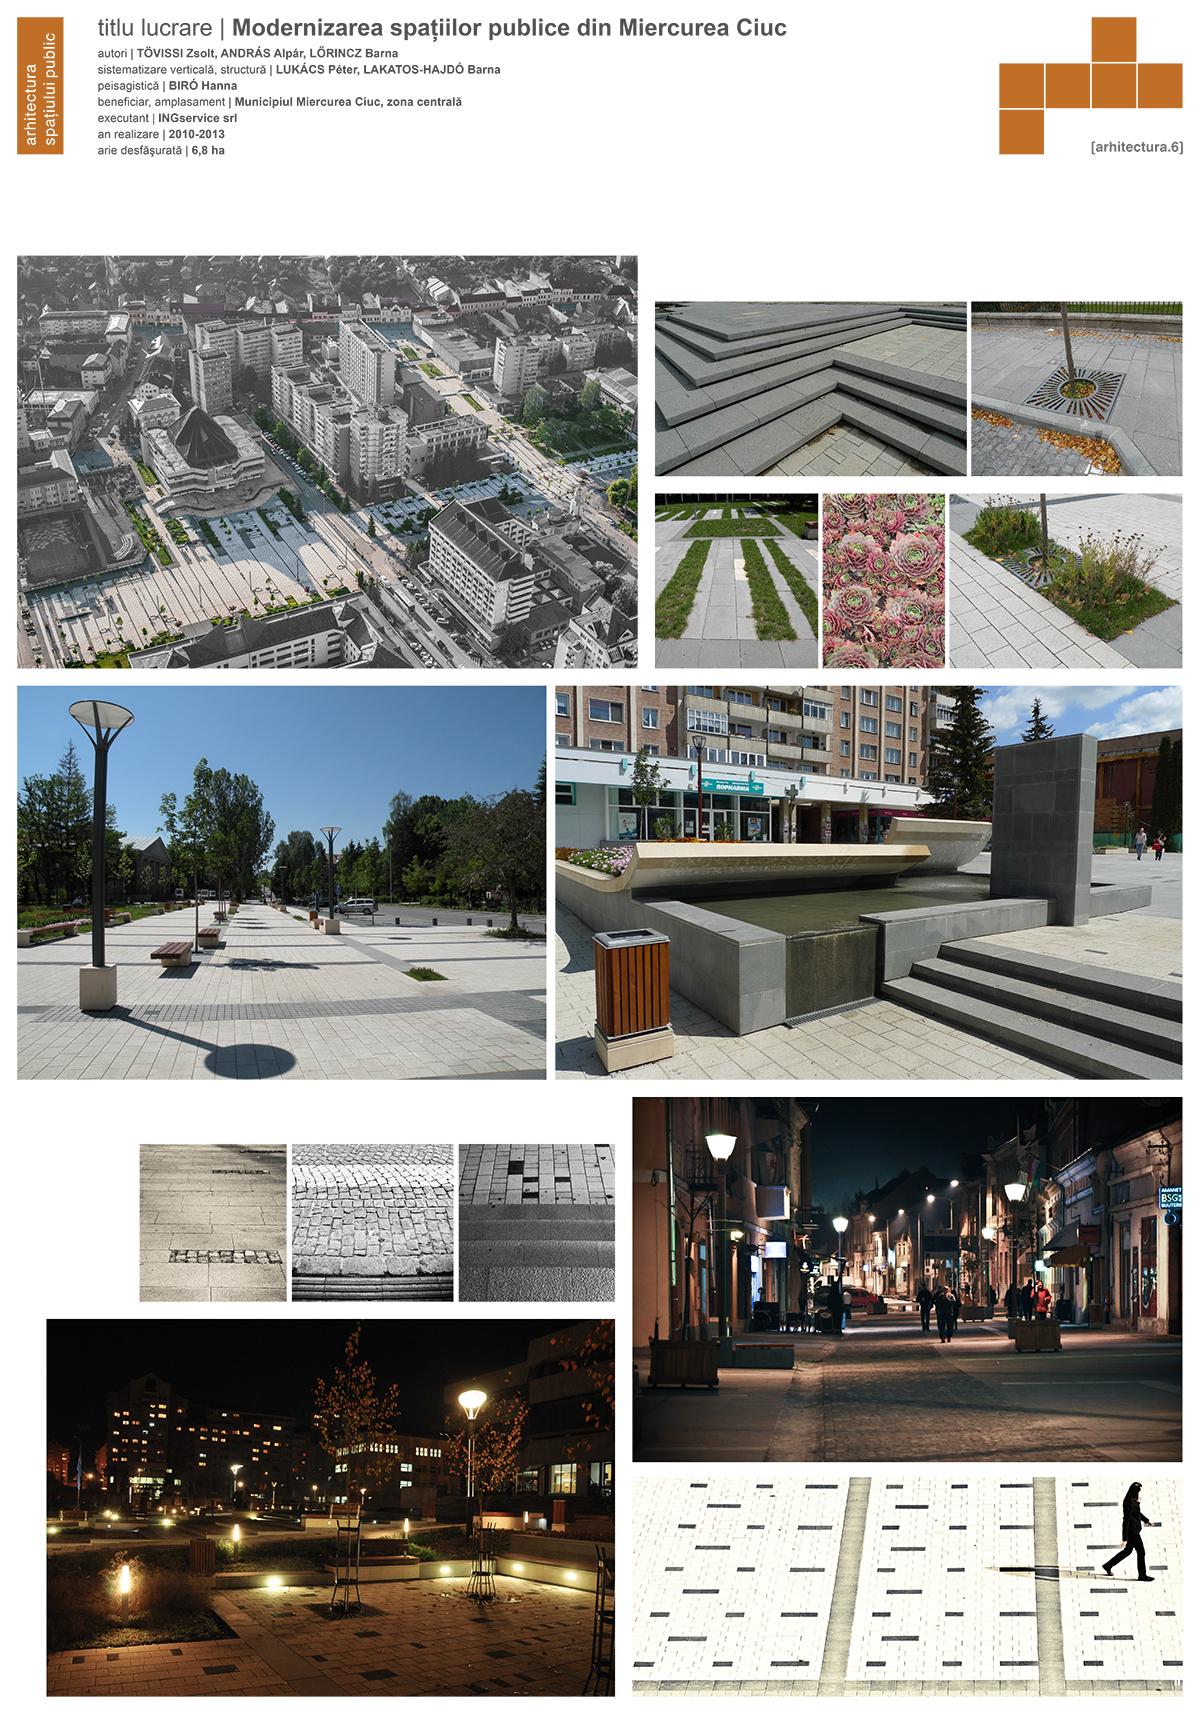 Plant Studio - Modernizarea spatiilor publice urbane din Miercurea Ciuc - b